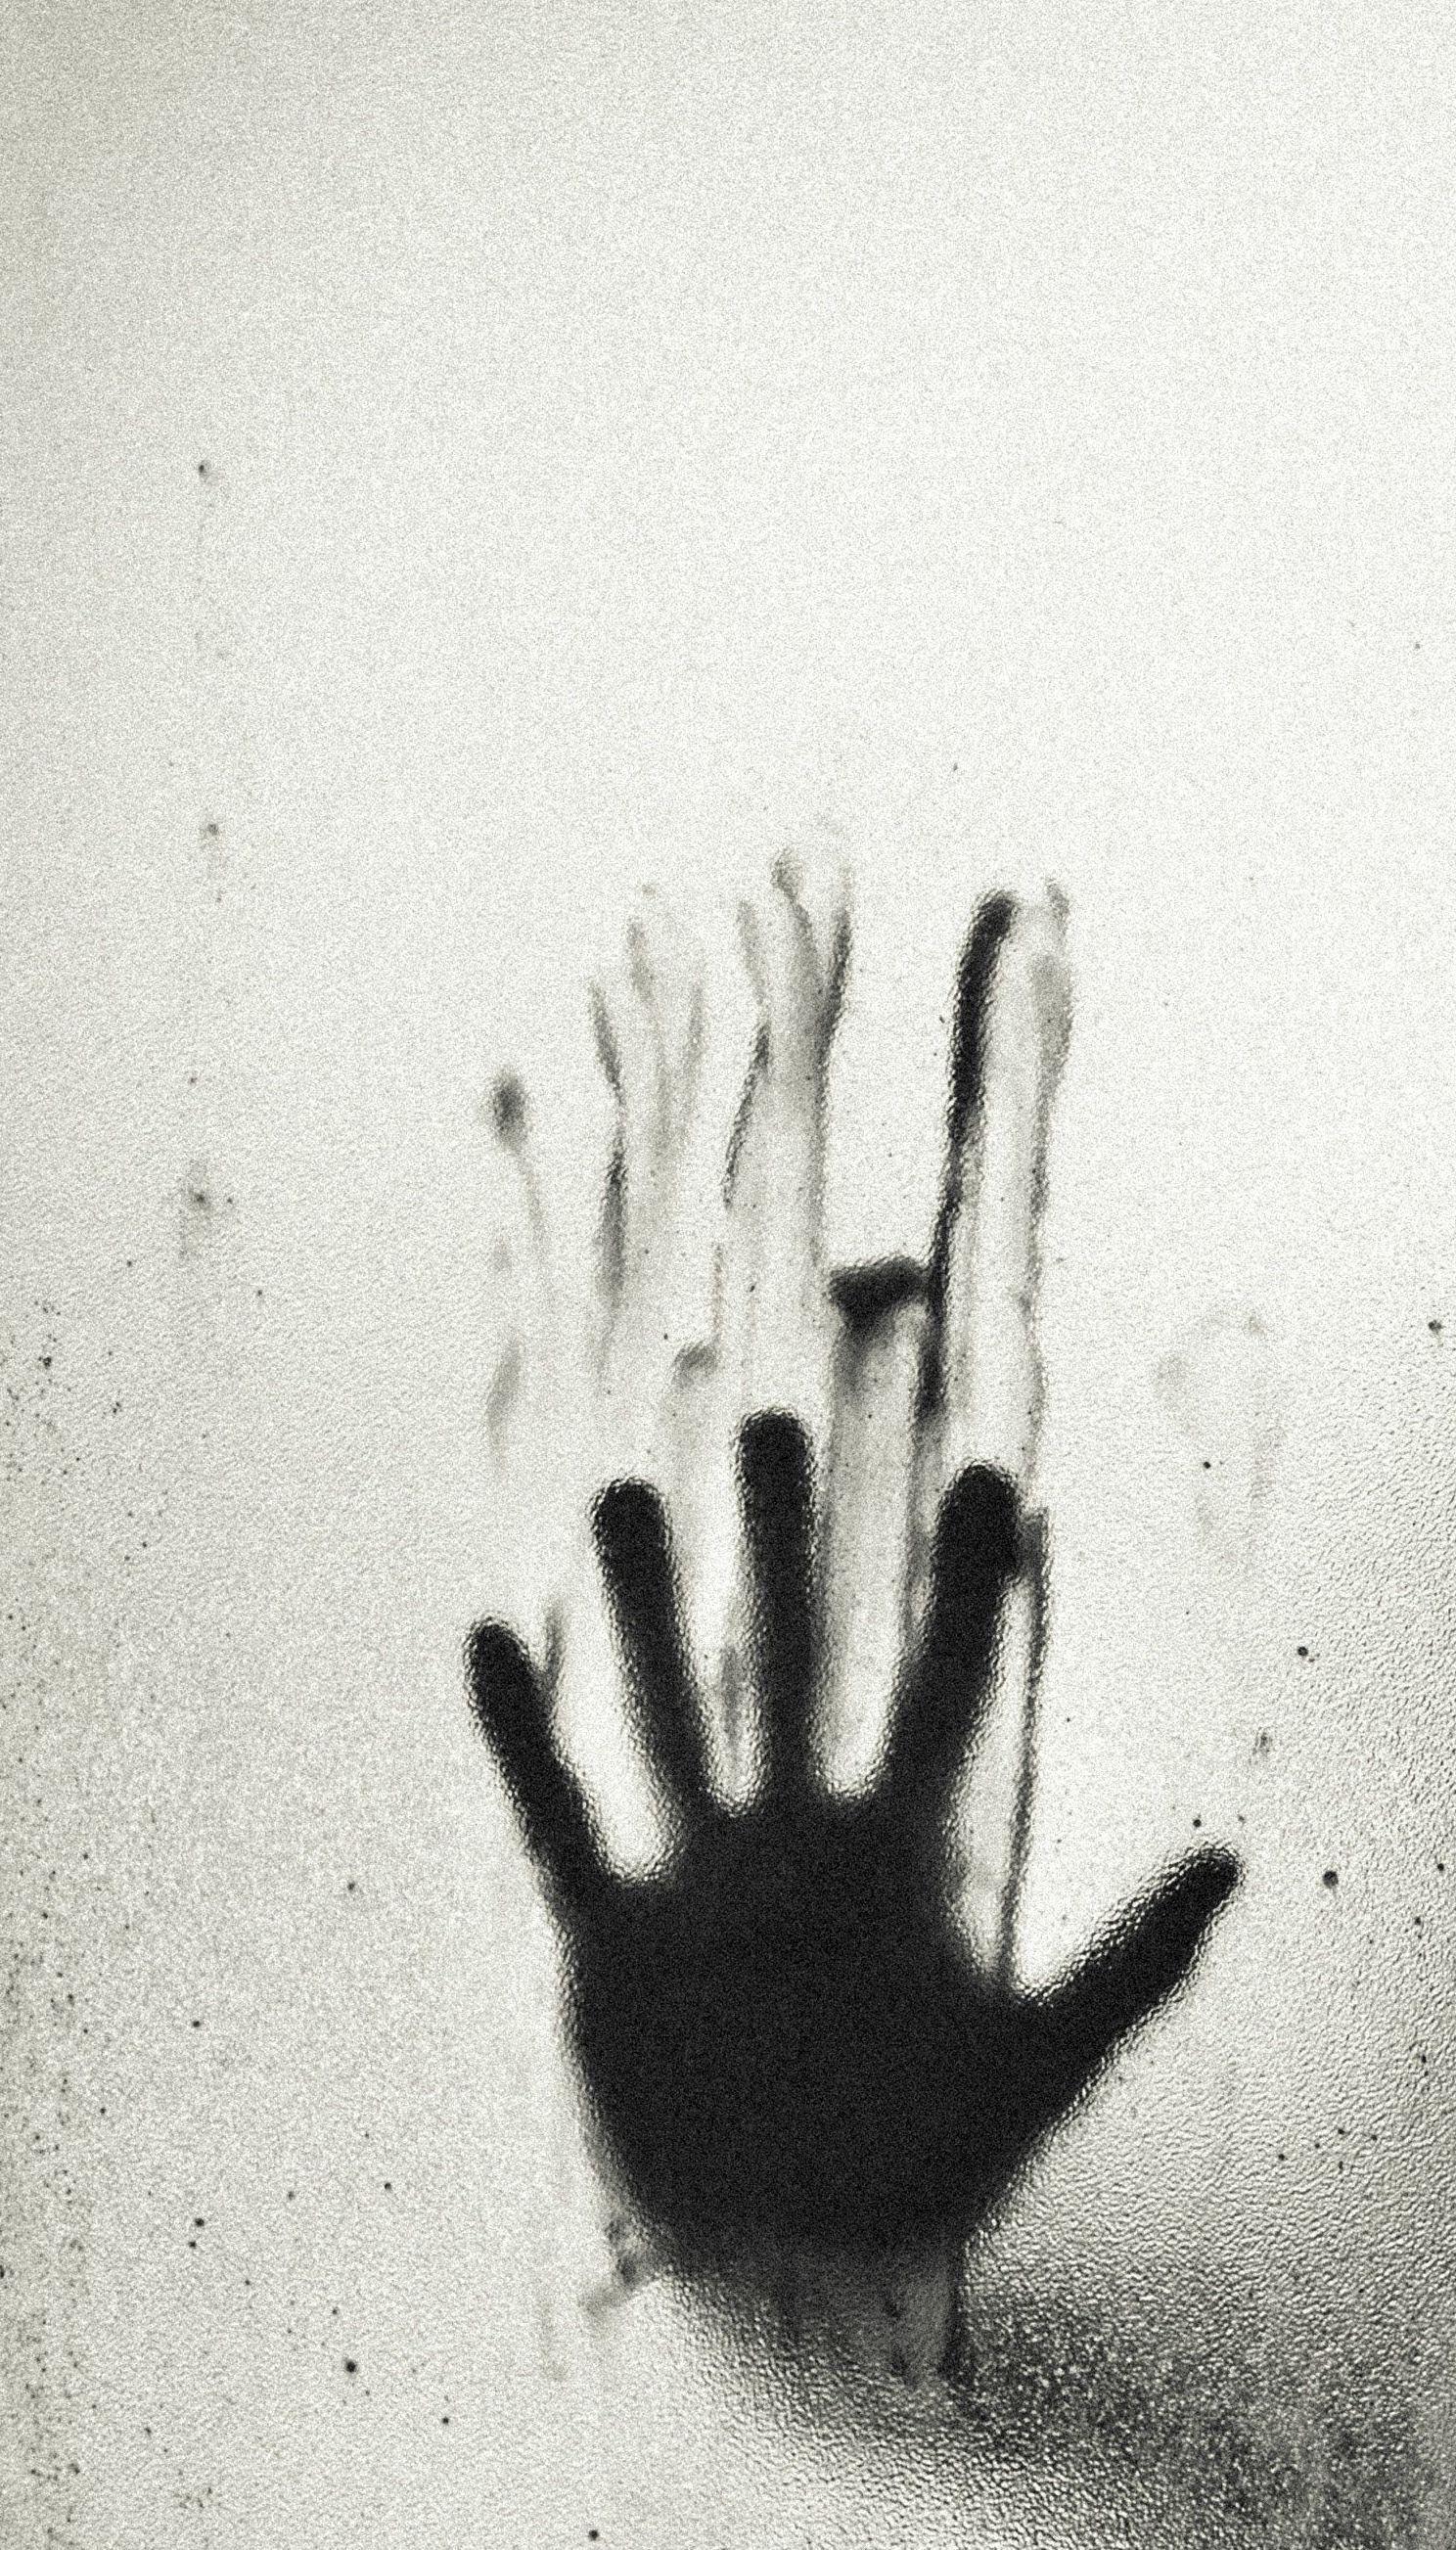 У Черкасах знайшли повішеним школяра: у поліції розповіли подробиці